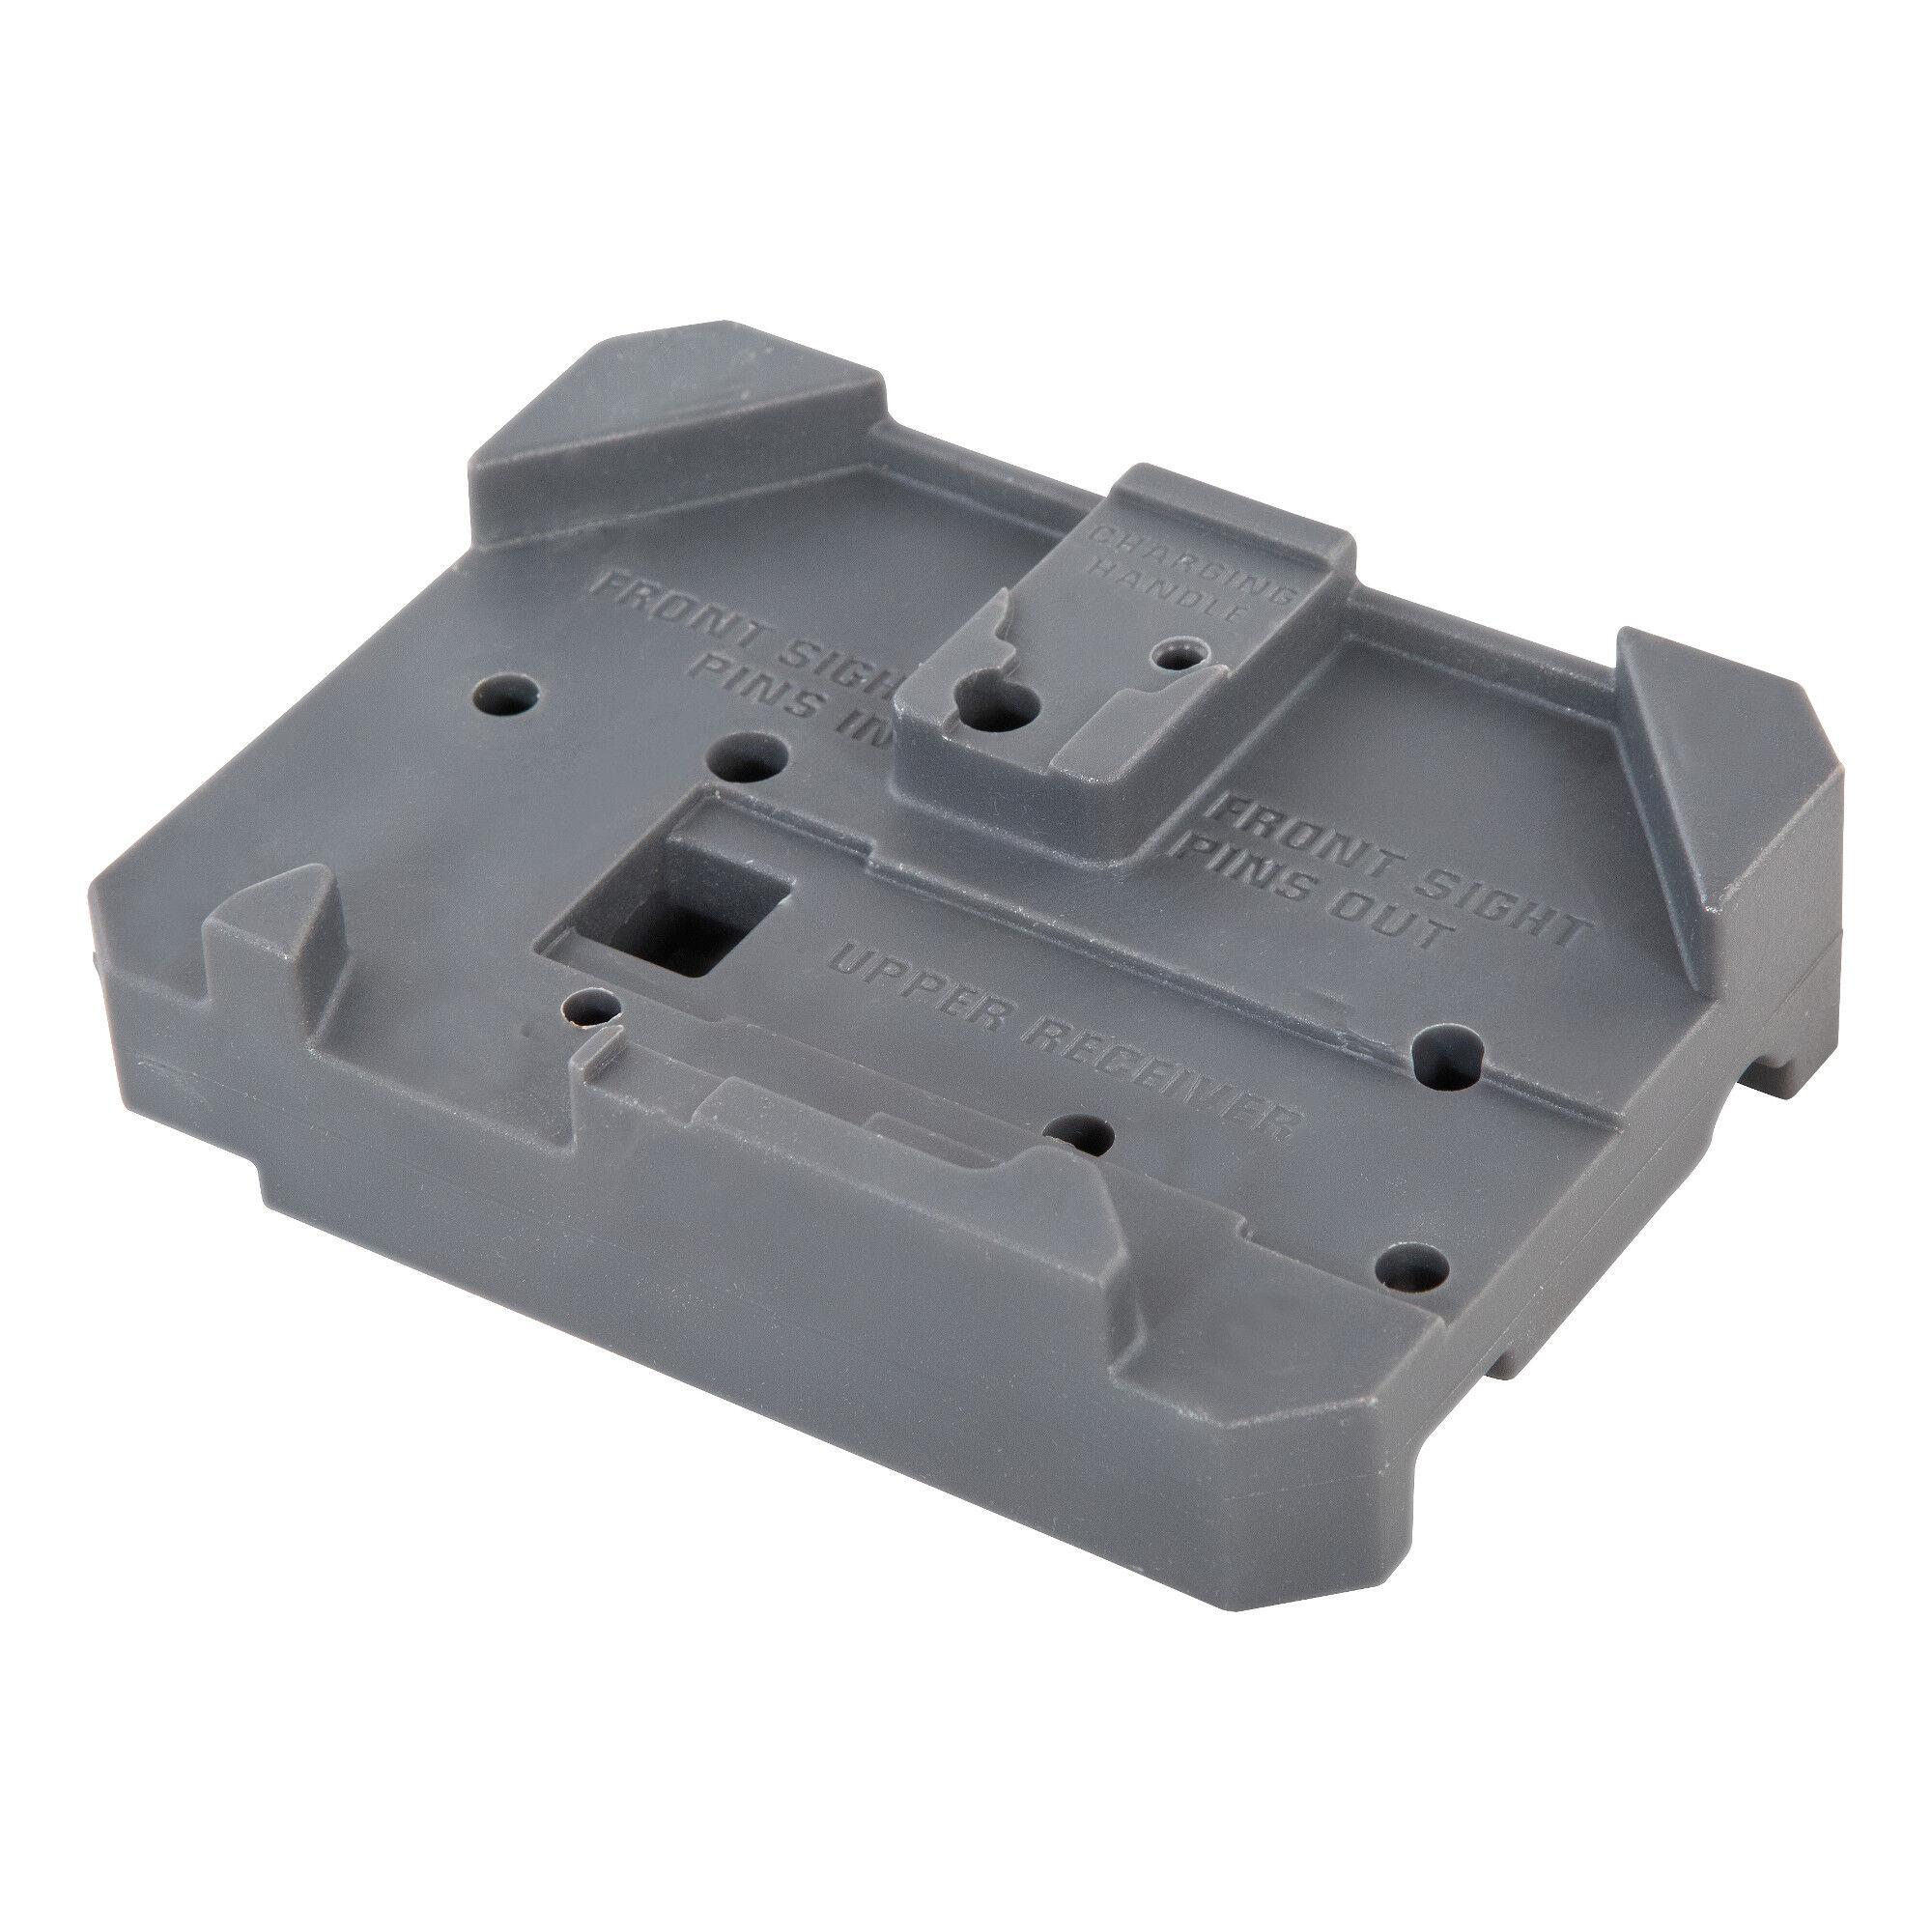 Ar Armorer S Bench Block Wheeler